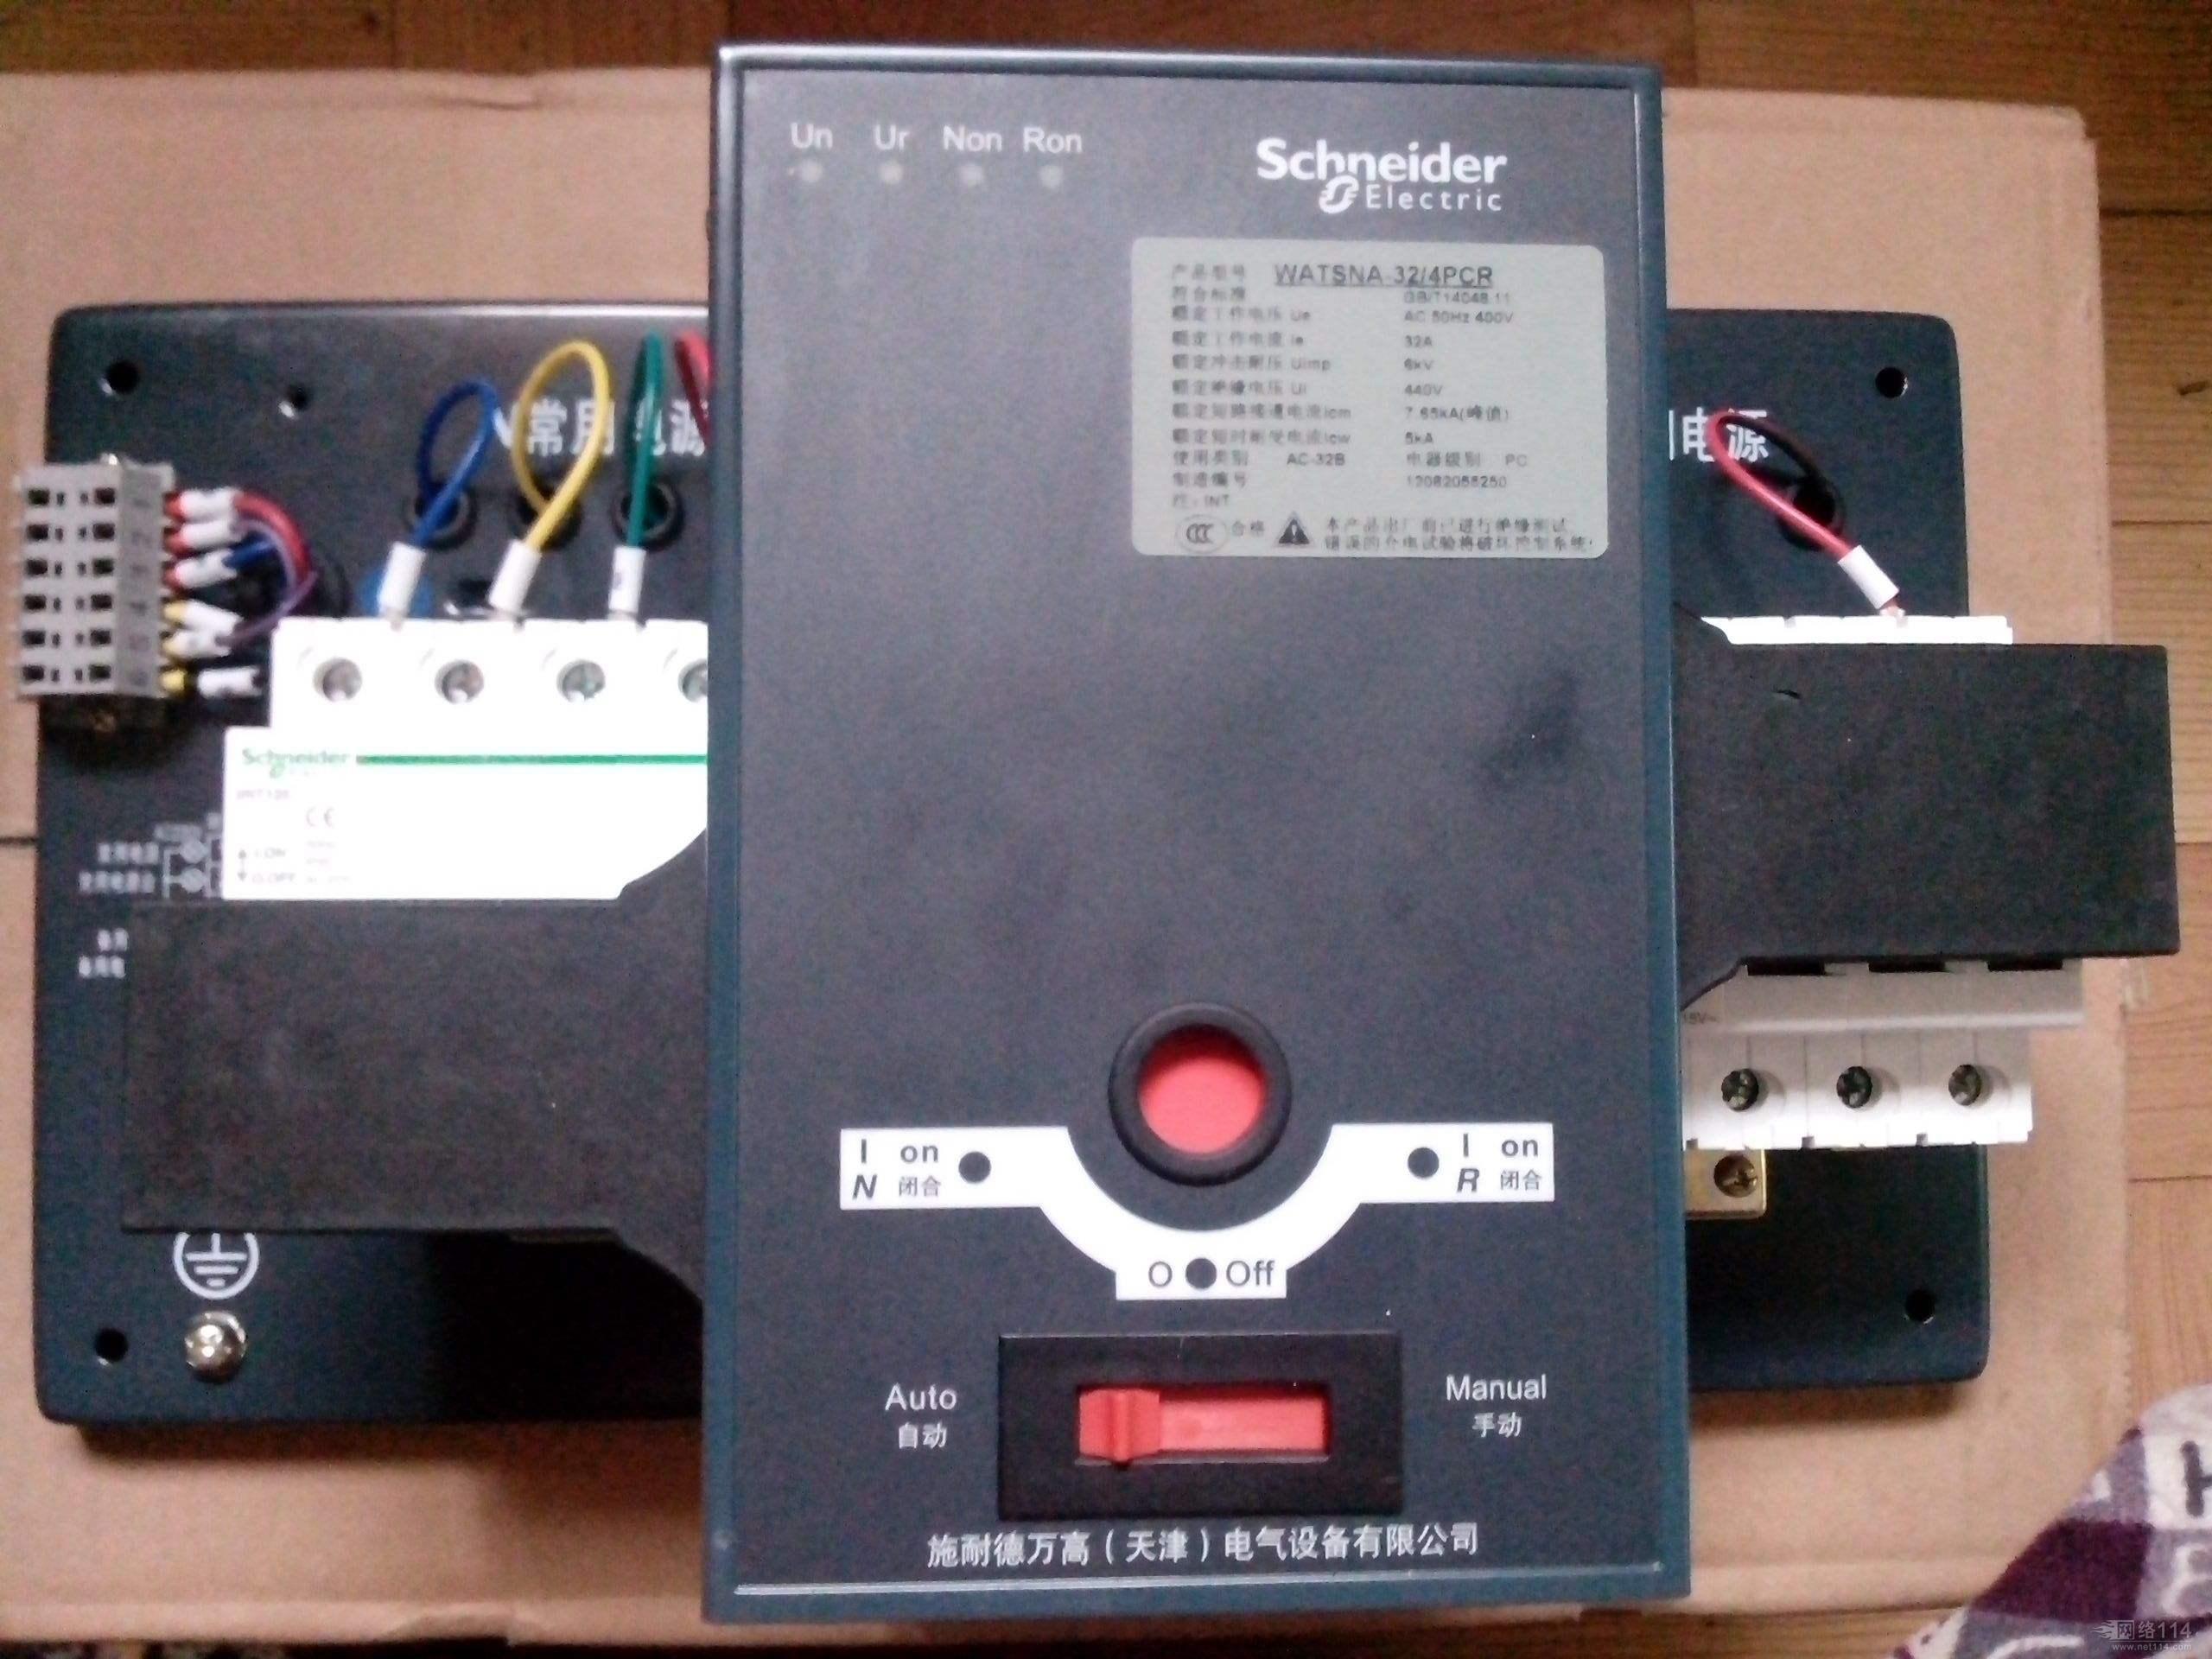 双电源转换开关 >watsnb-630/3p